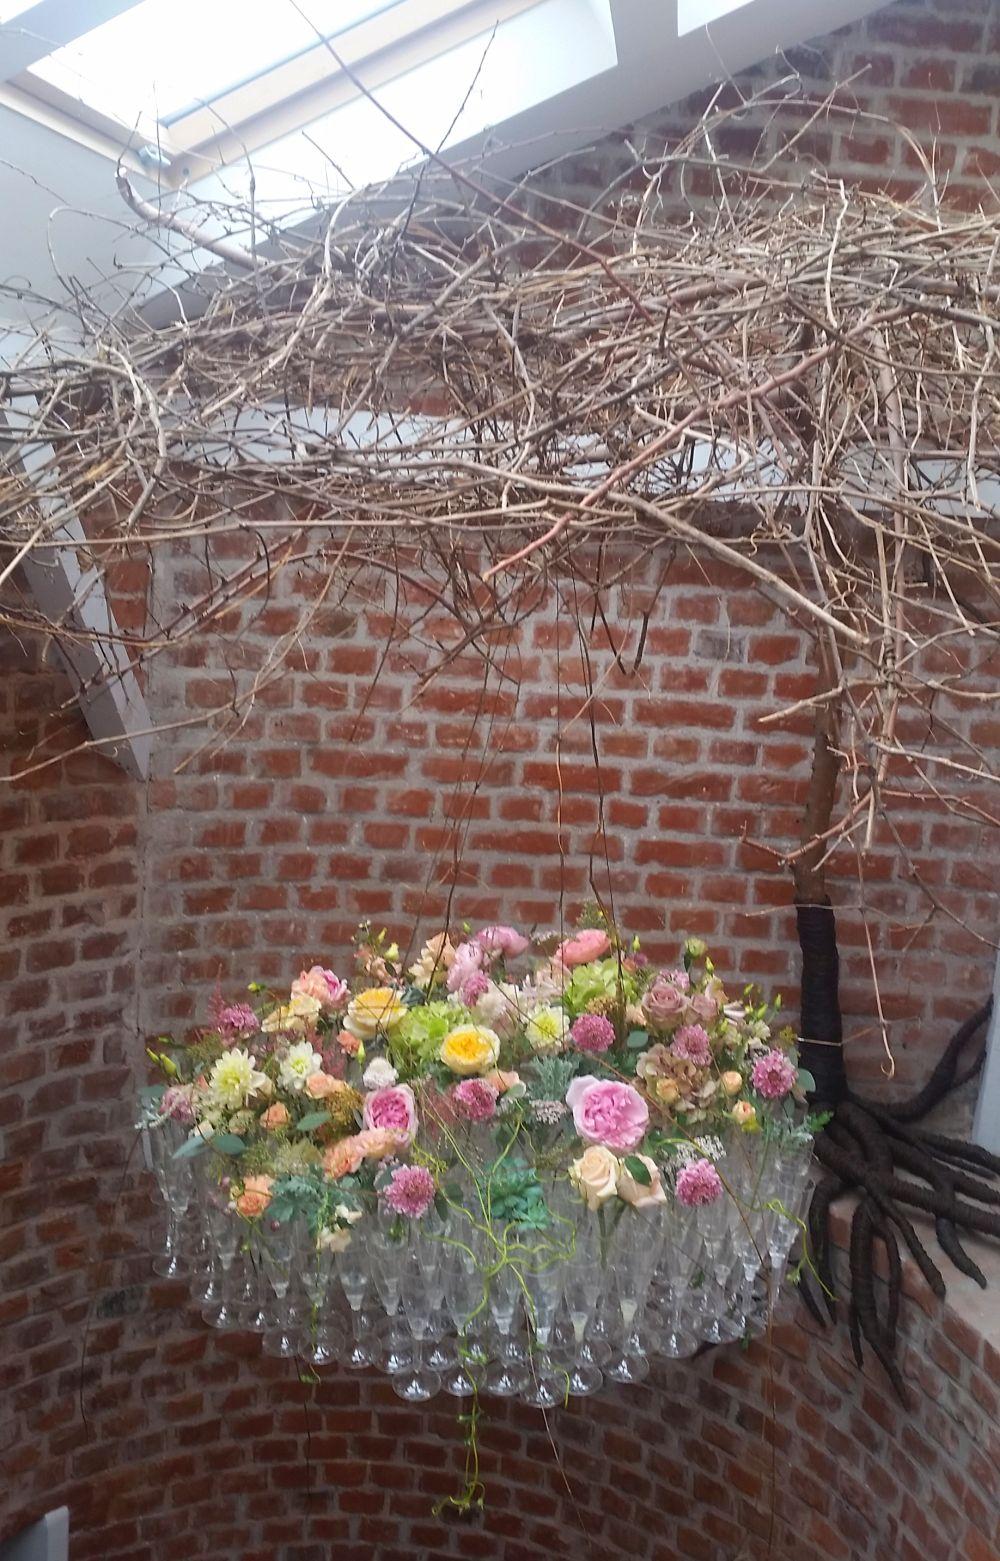 adelaparvu-com-despre-the-wedding-gallery-2016-floraria-iris-design-nicu-bocancea-41